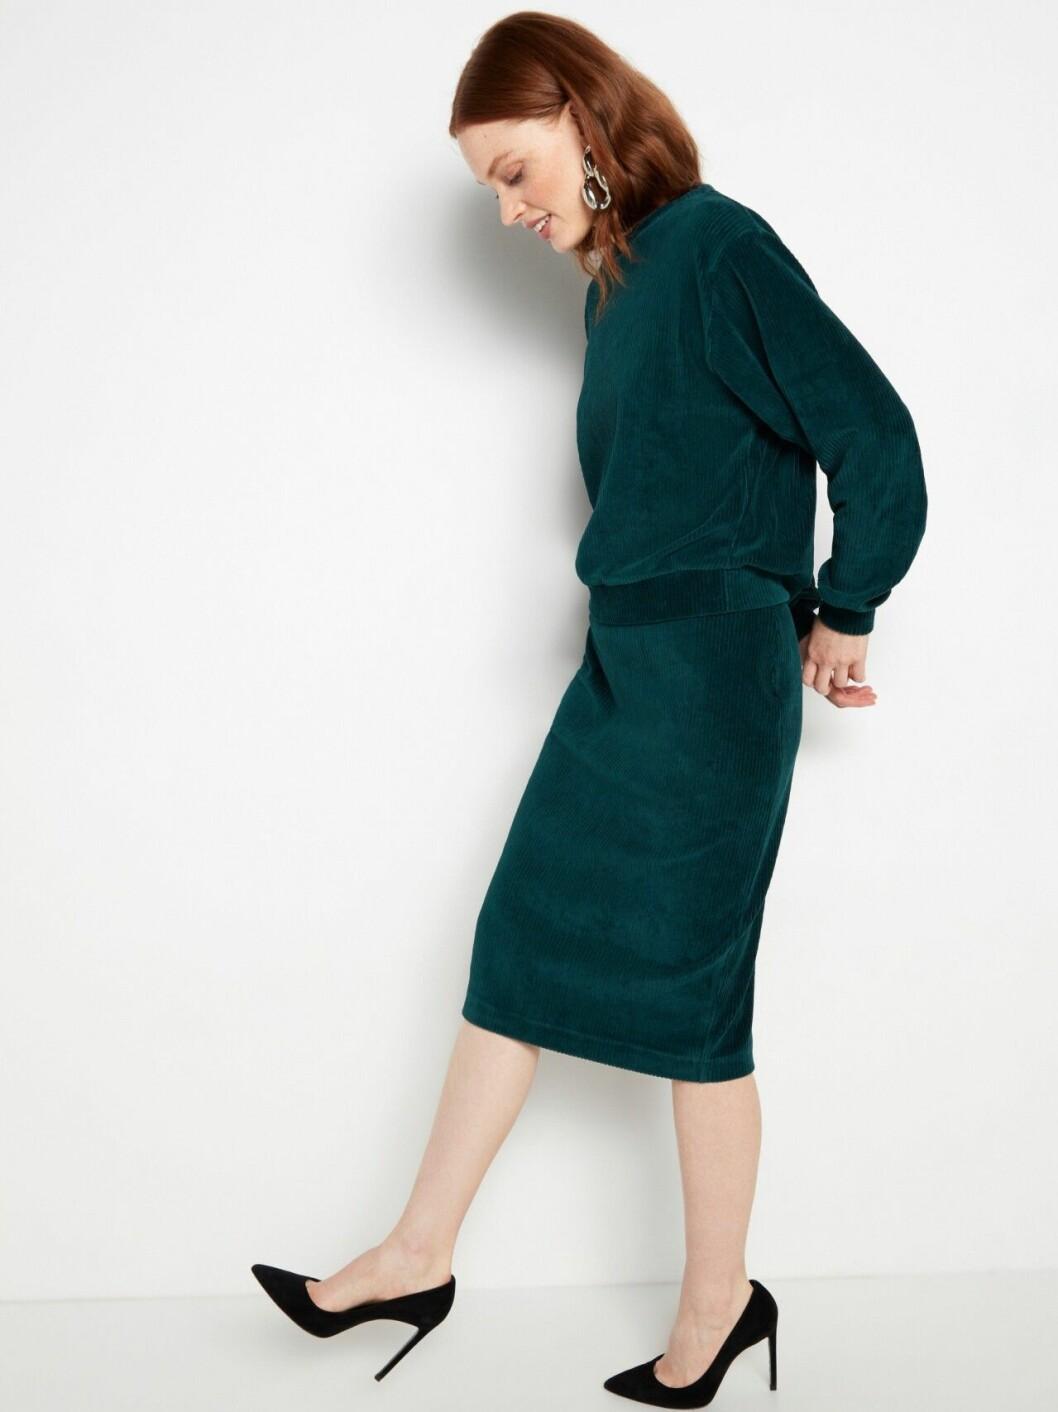 Matchande set: Grön tröja och kjol